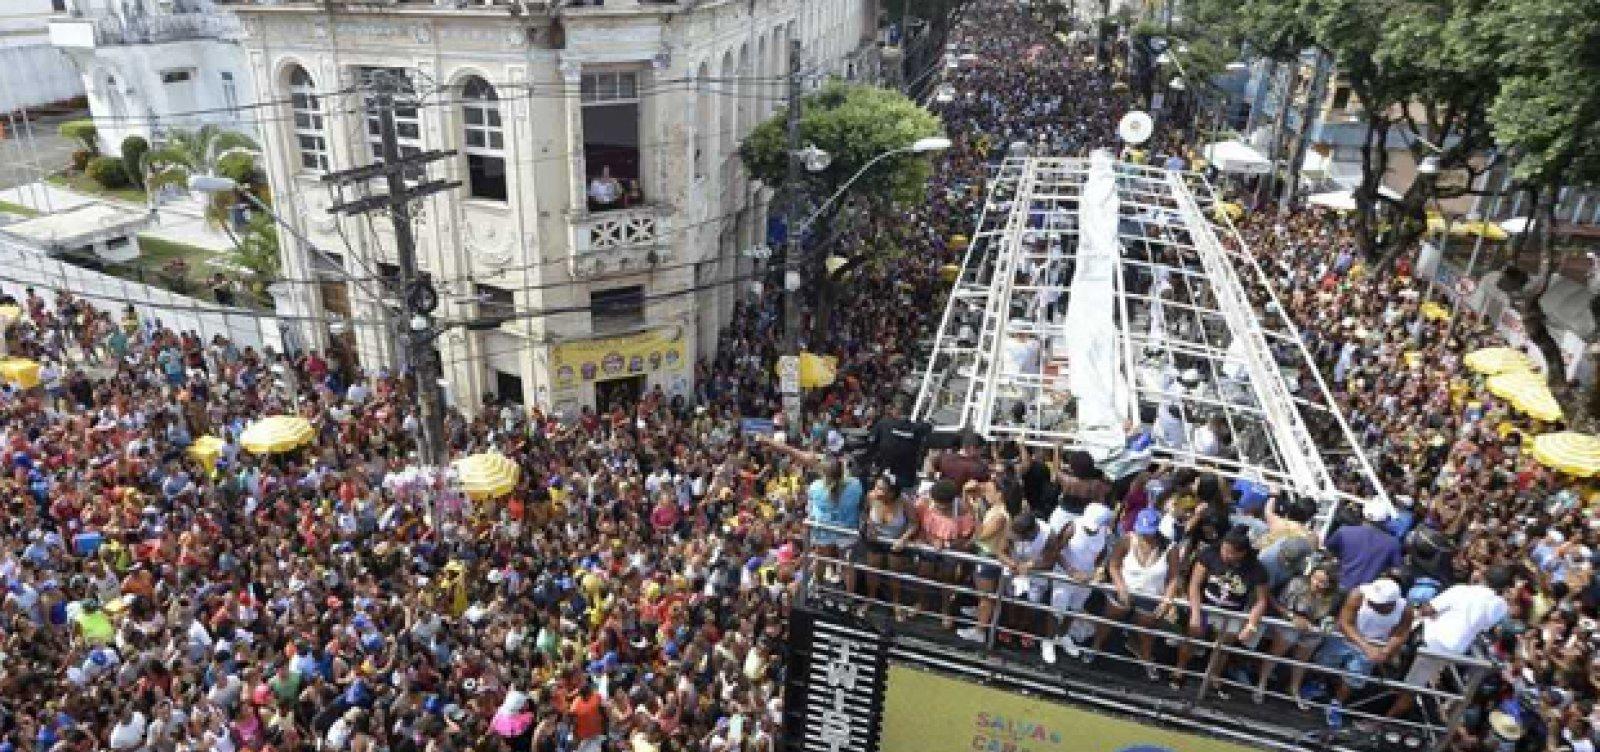 Circuito Osmar : Veja a programação completa deste domingo de carnaval circuito